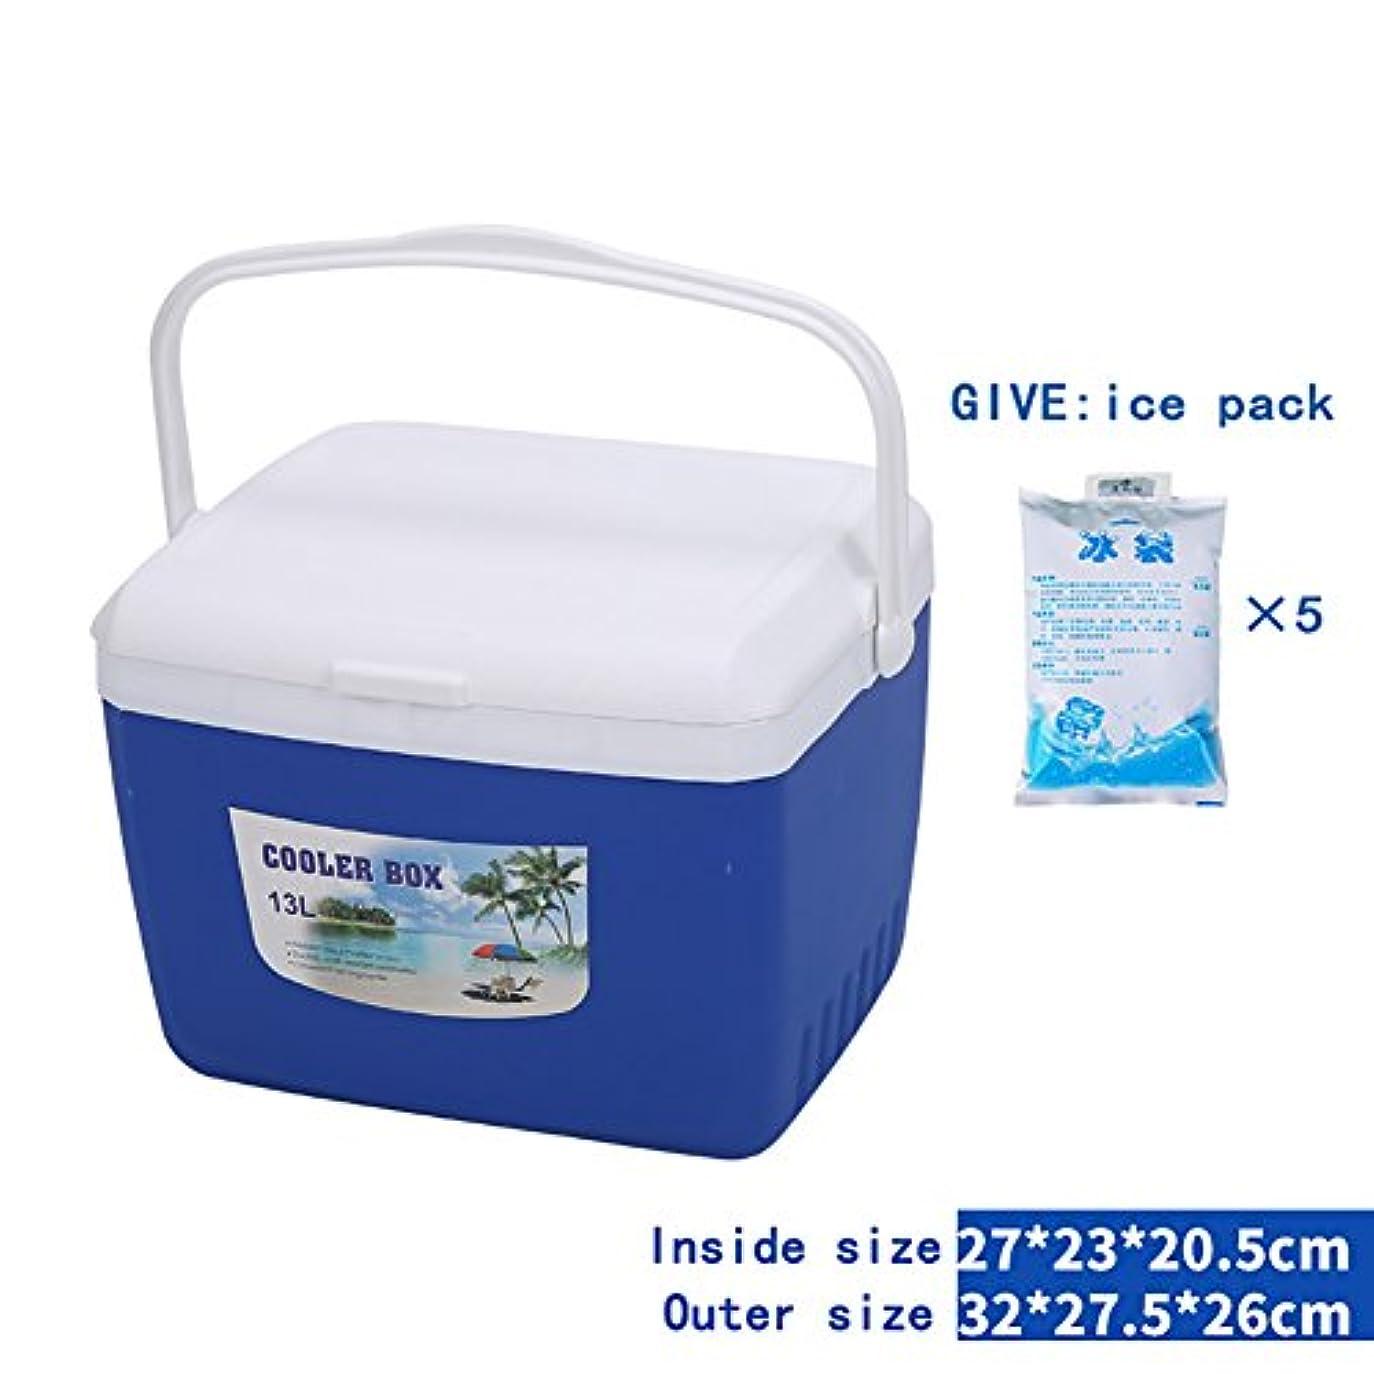 閉じる遡るビジョン二重目的のクーラーバッグ断熱缶/ボックス屋外用ポータブル釣りピクニックピクニック鮮度保持氷バケツ車ボルンアイスパック ( 色 : 青 , サイズ さいず : 13L )